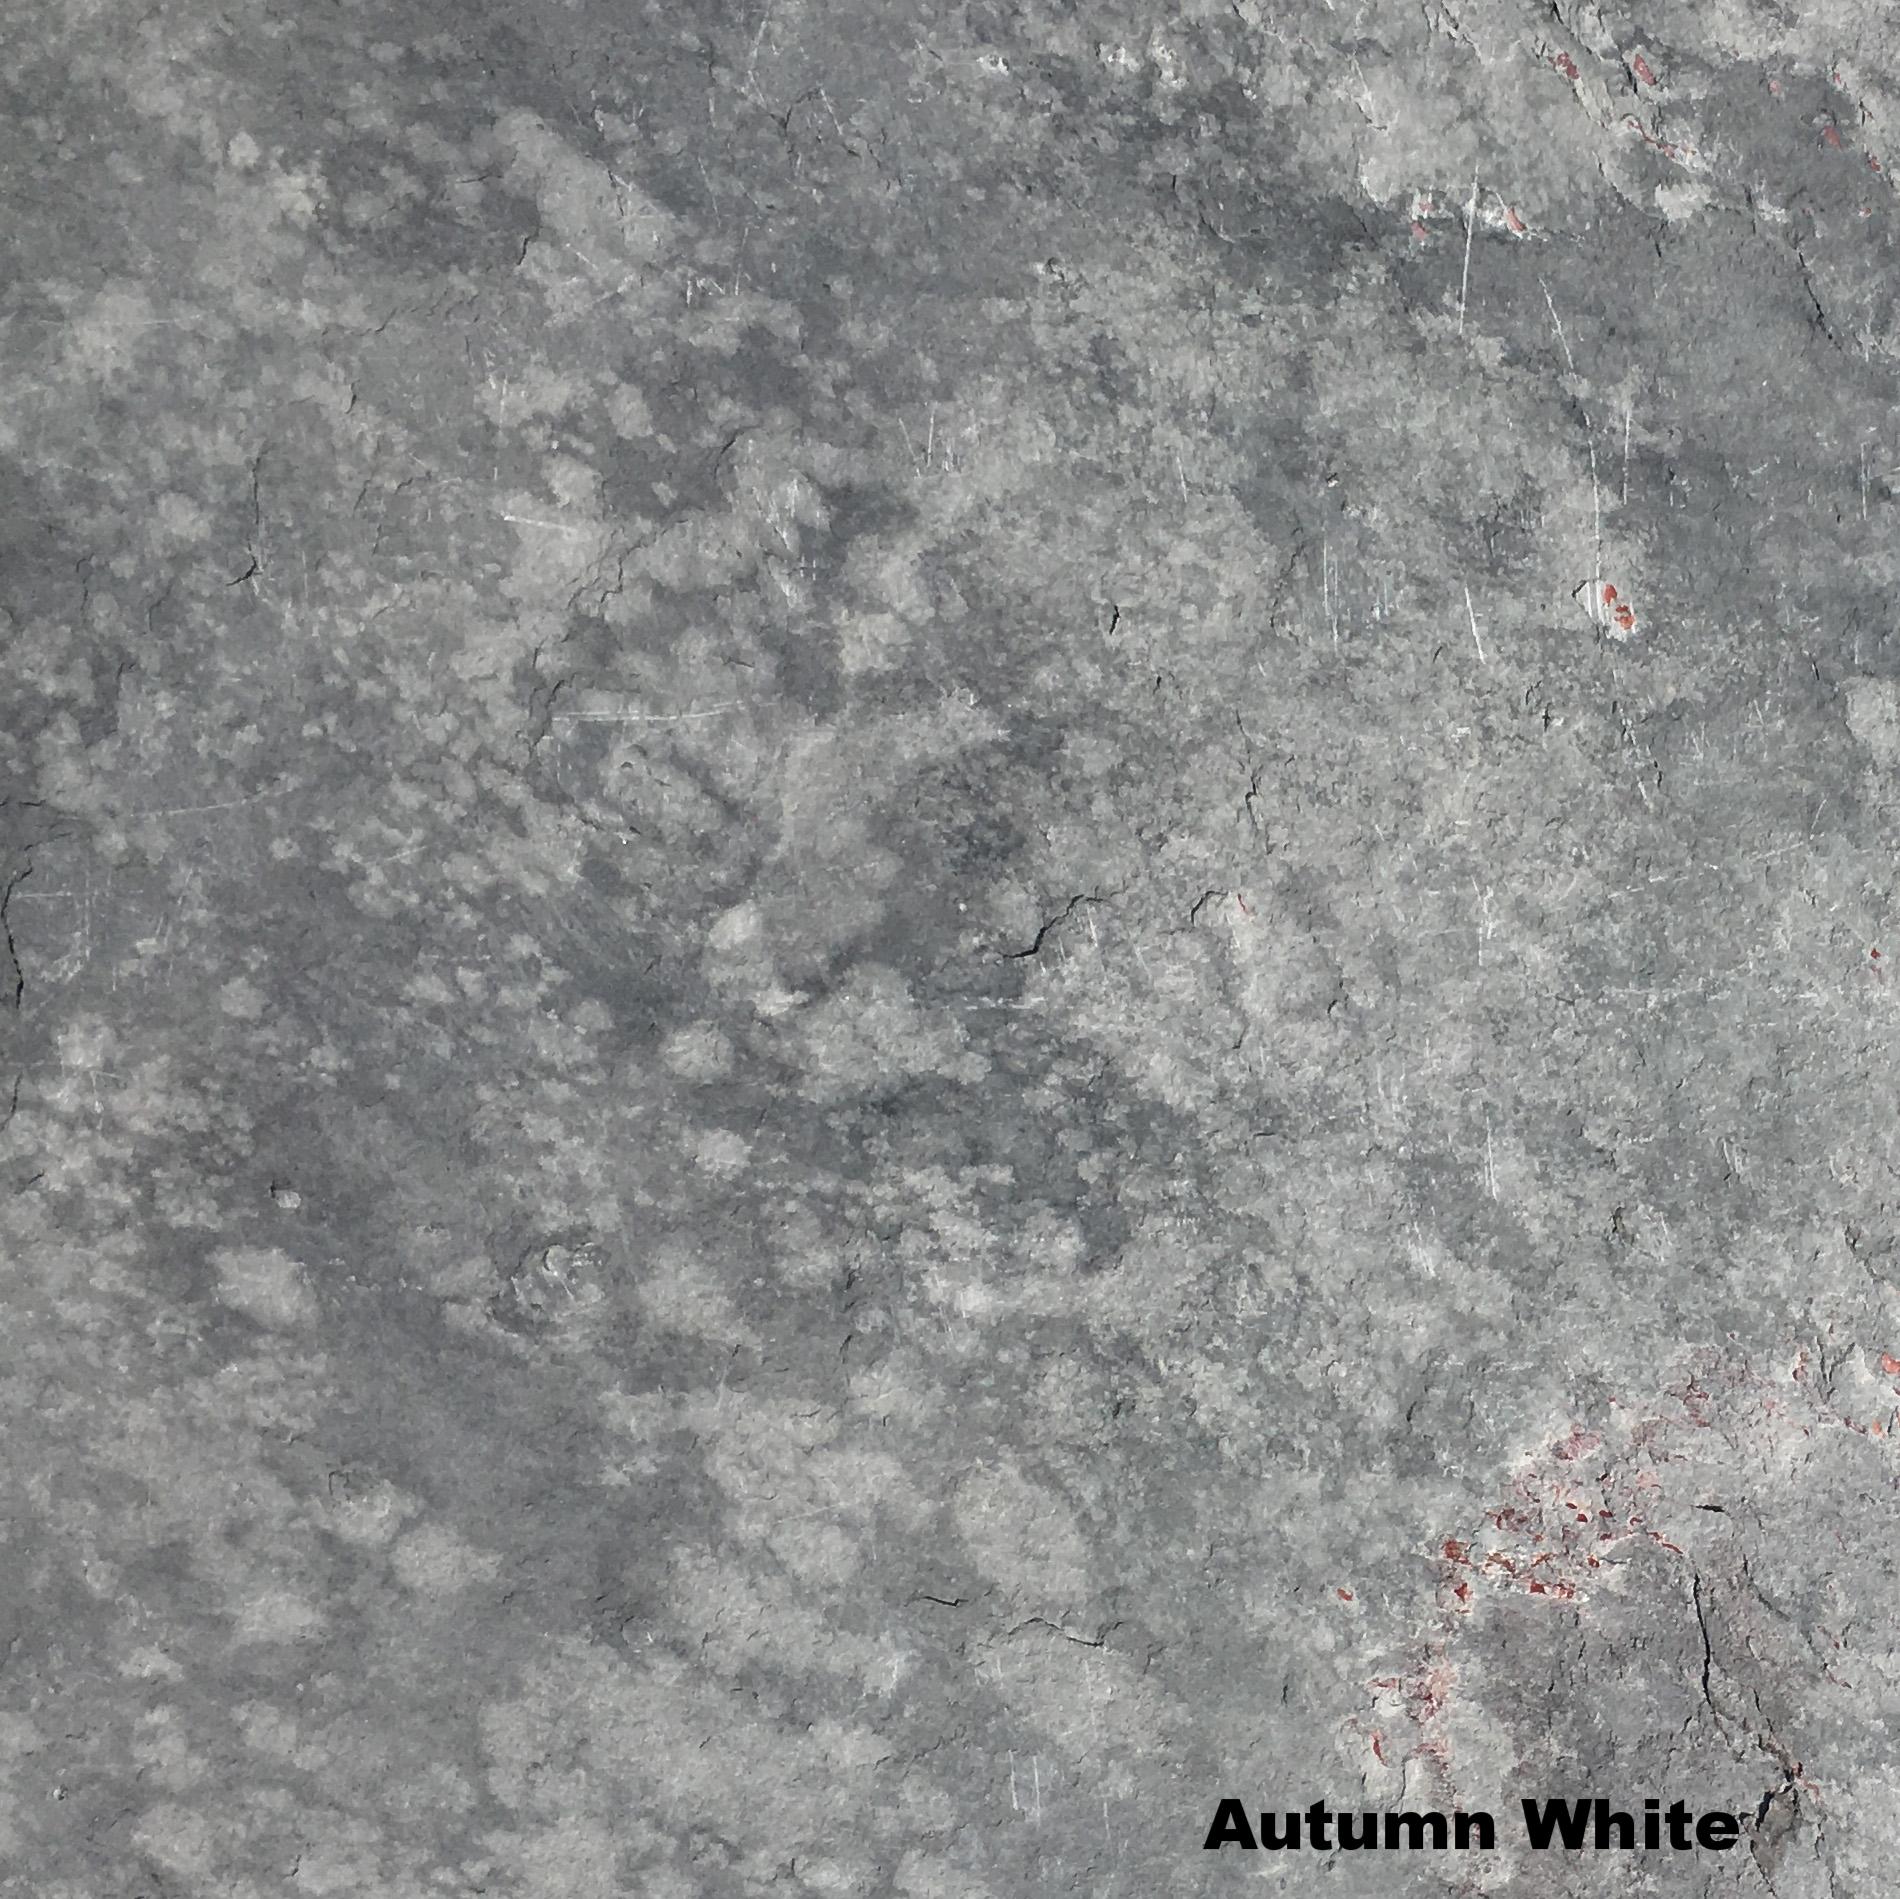 Autumn White 140.JPG